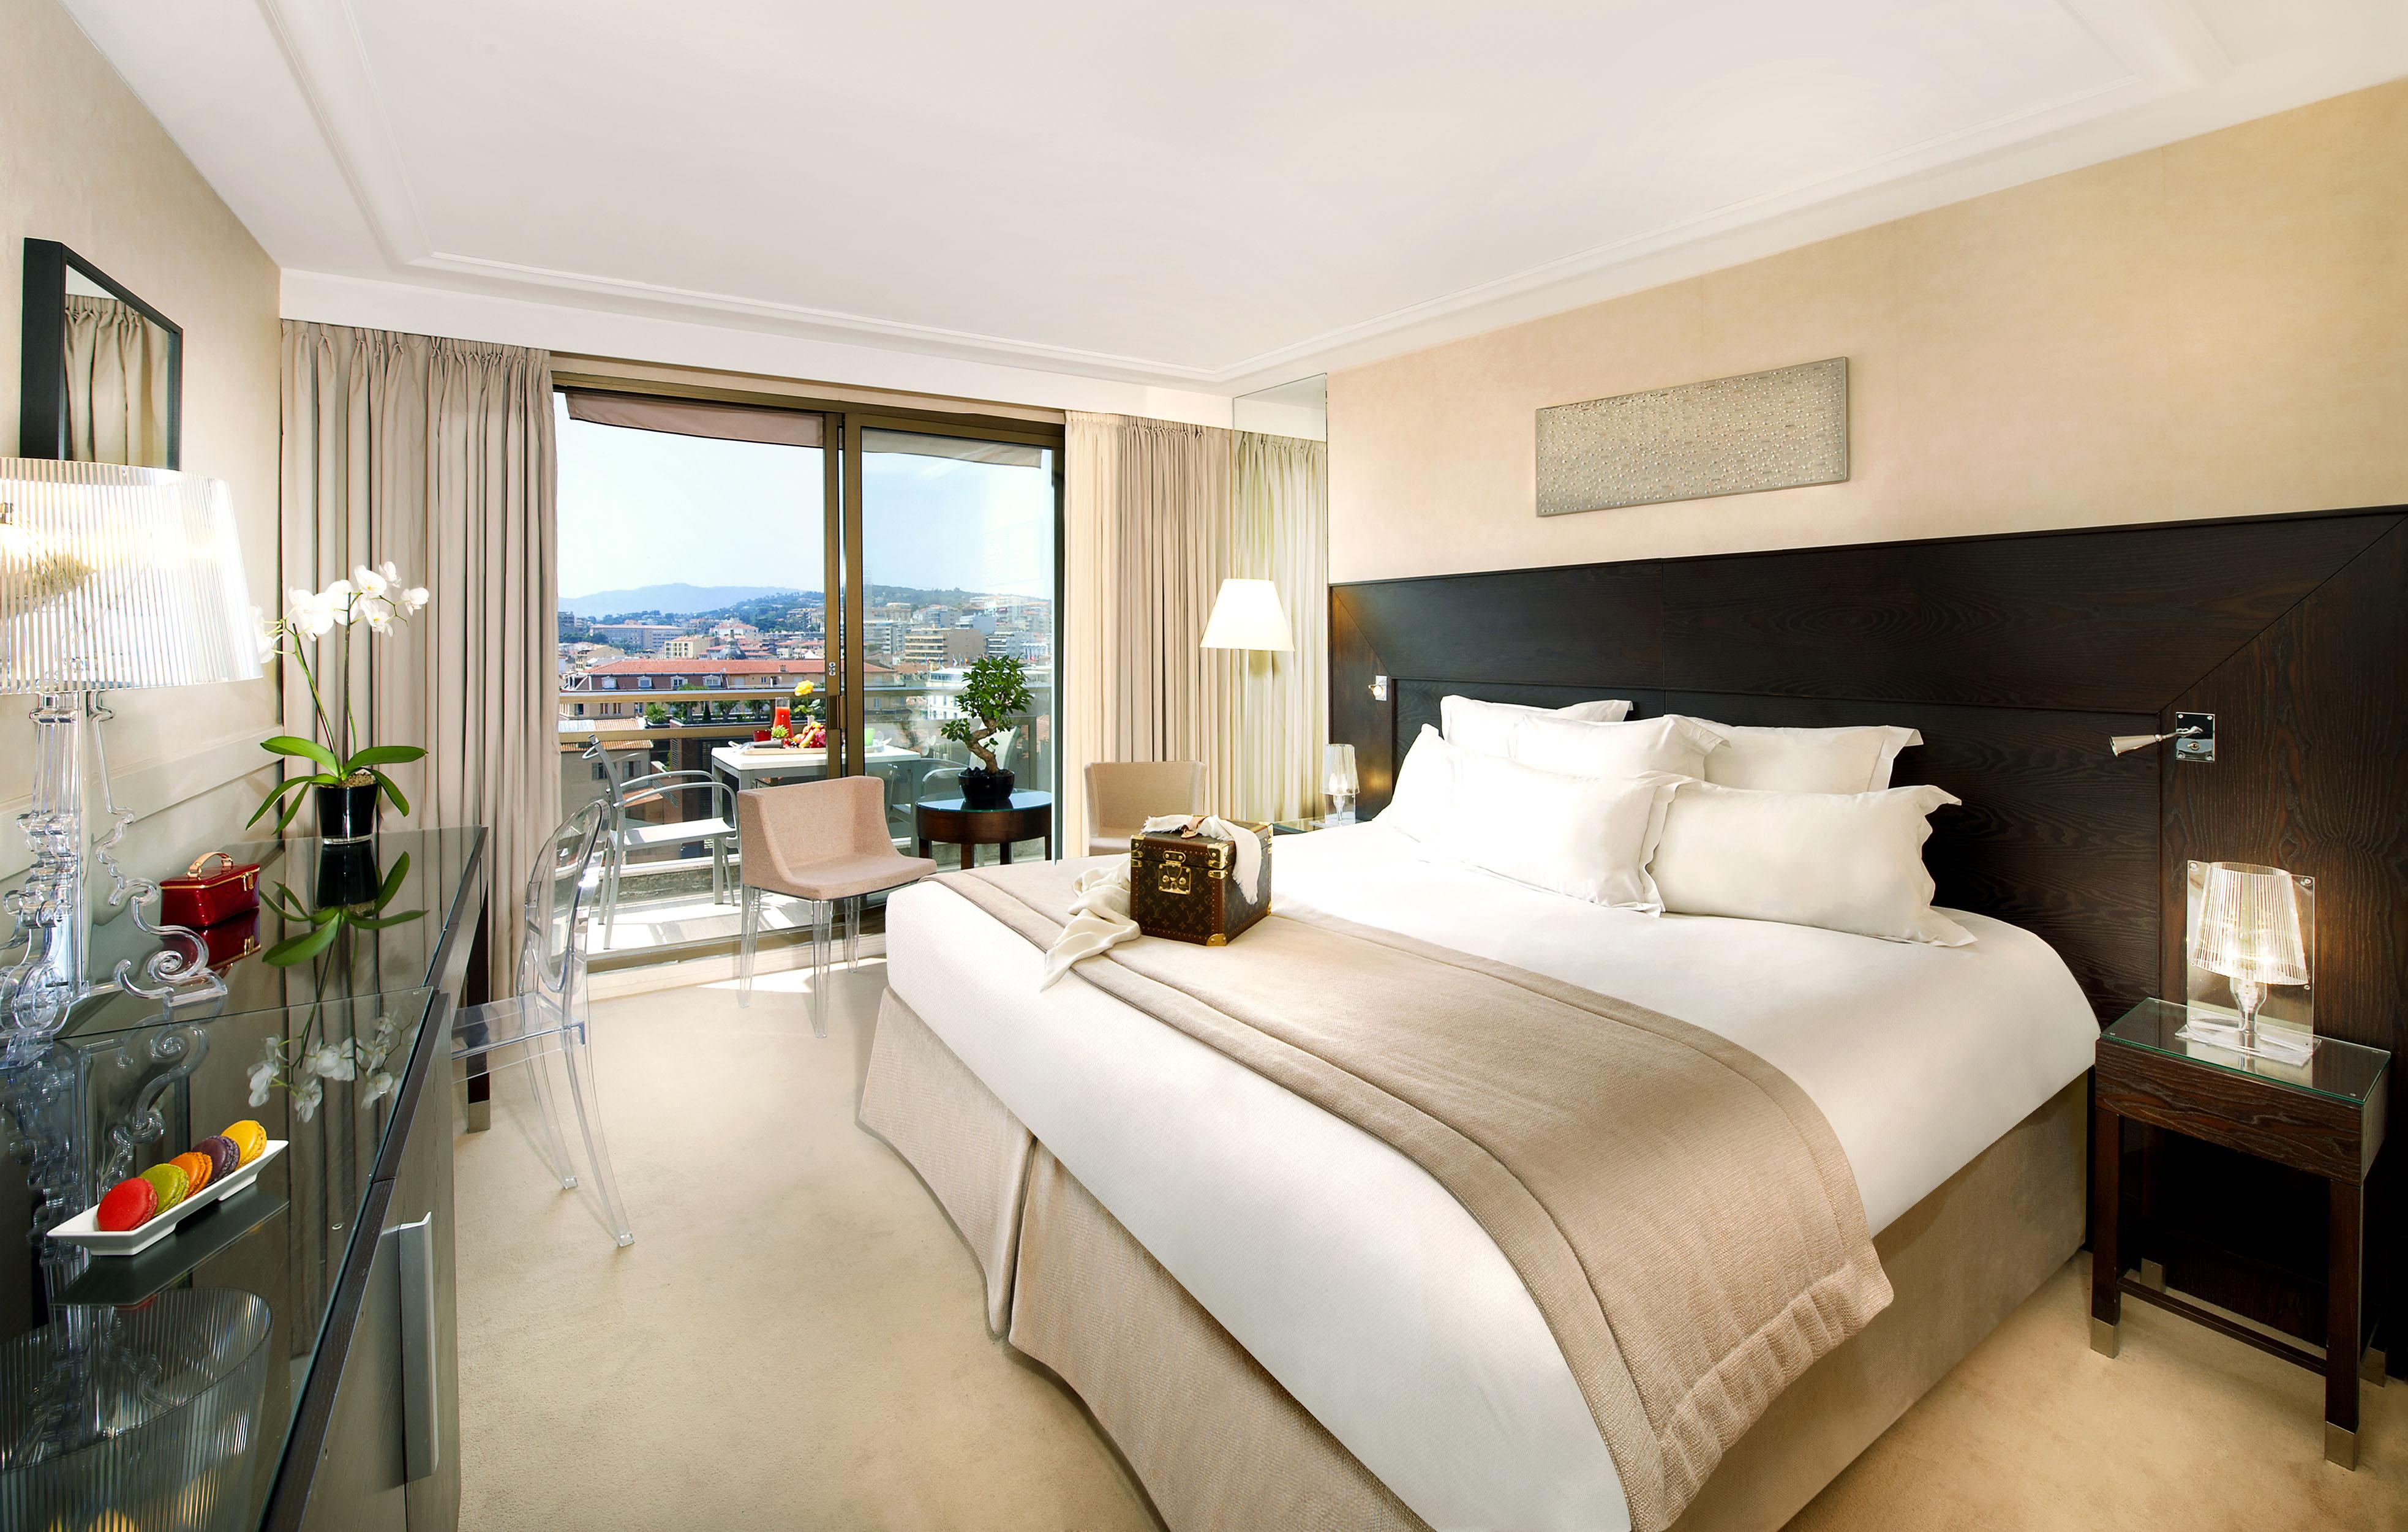 Hotel Albion Paris